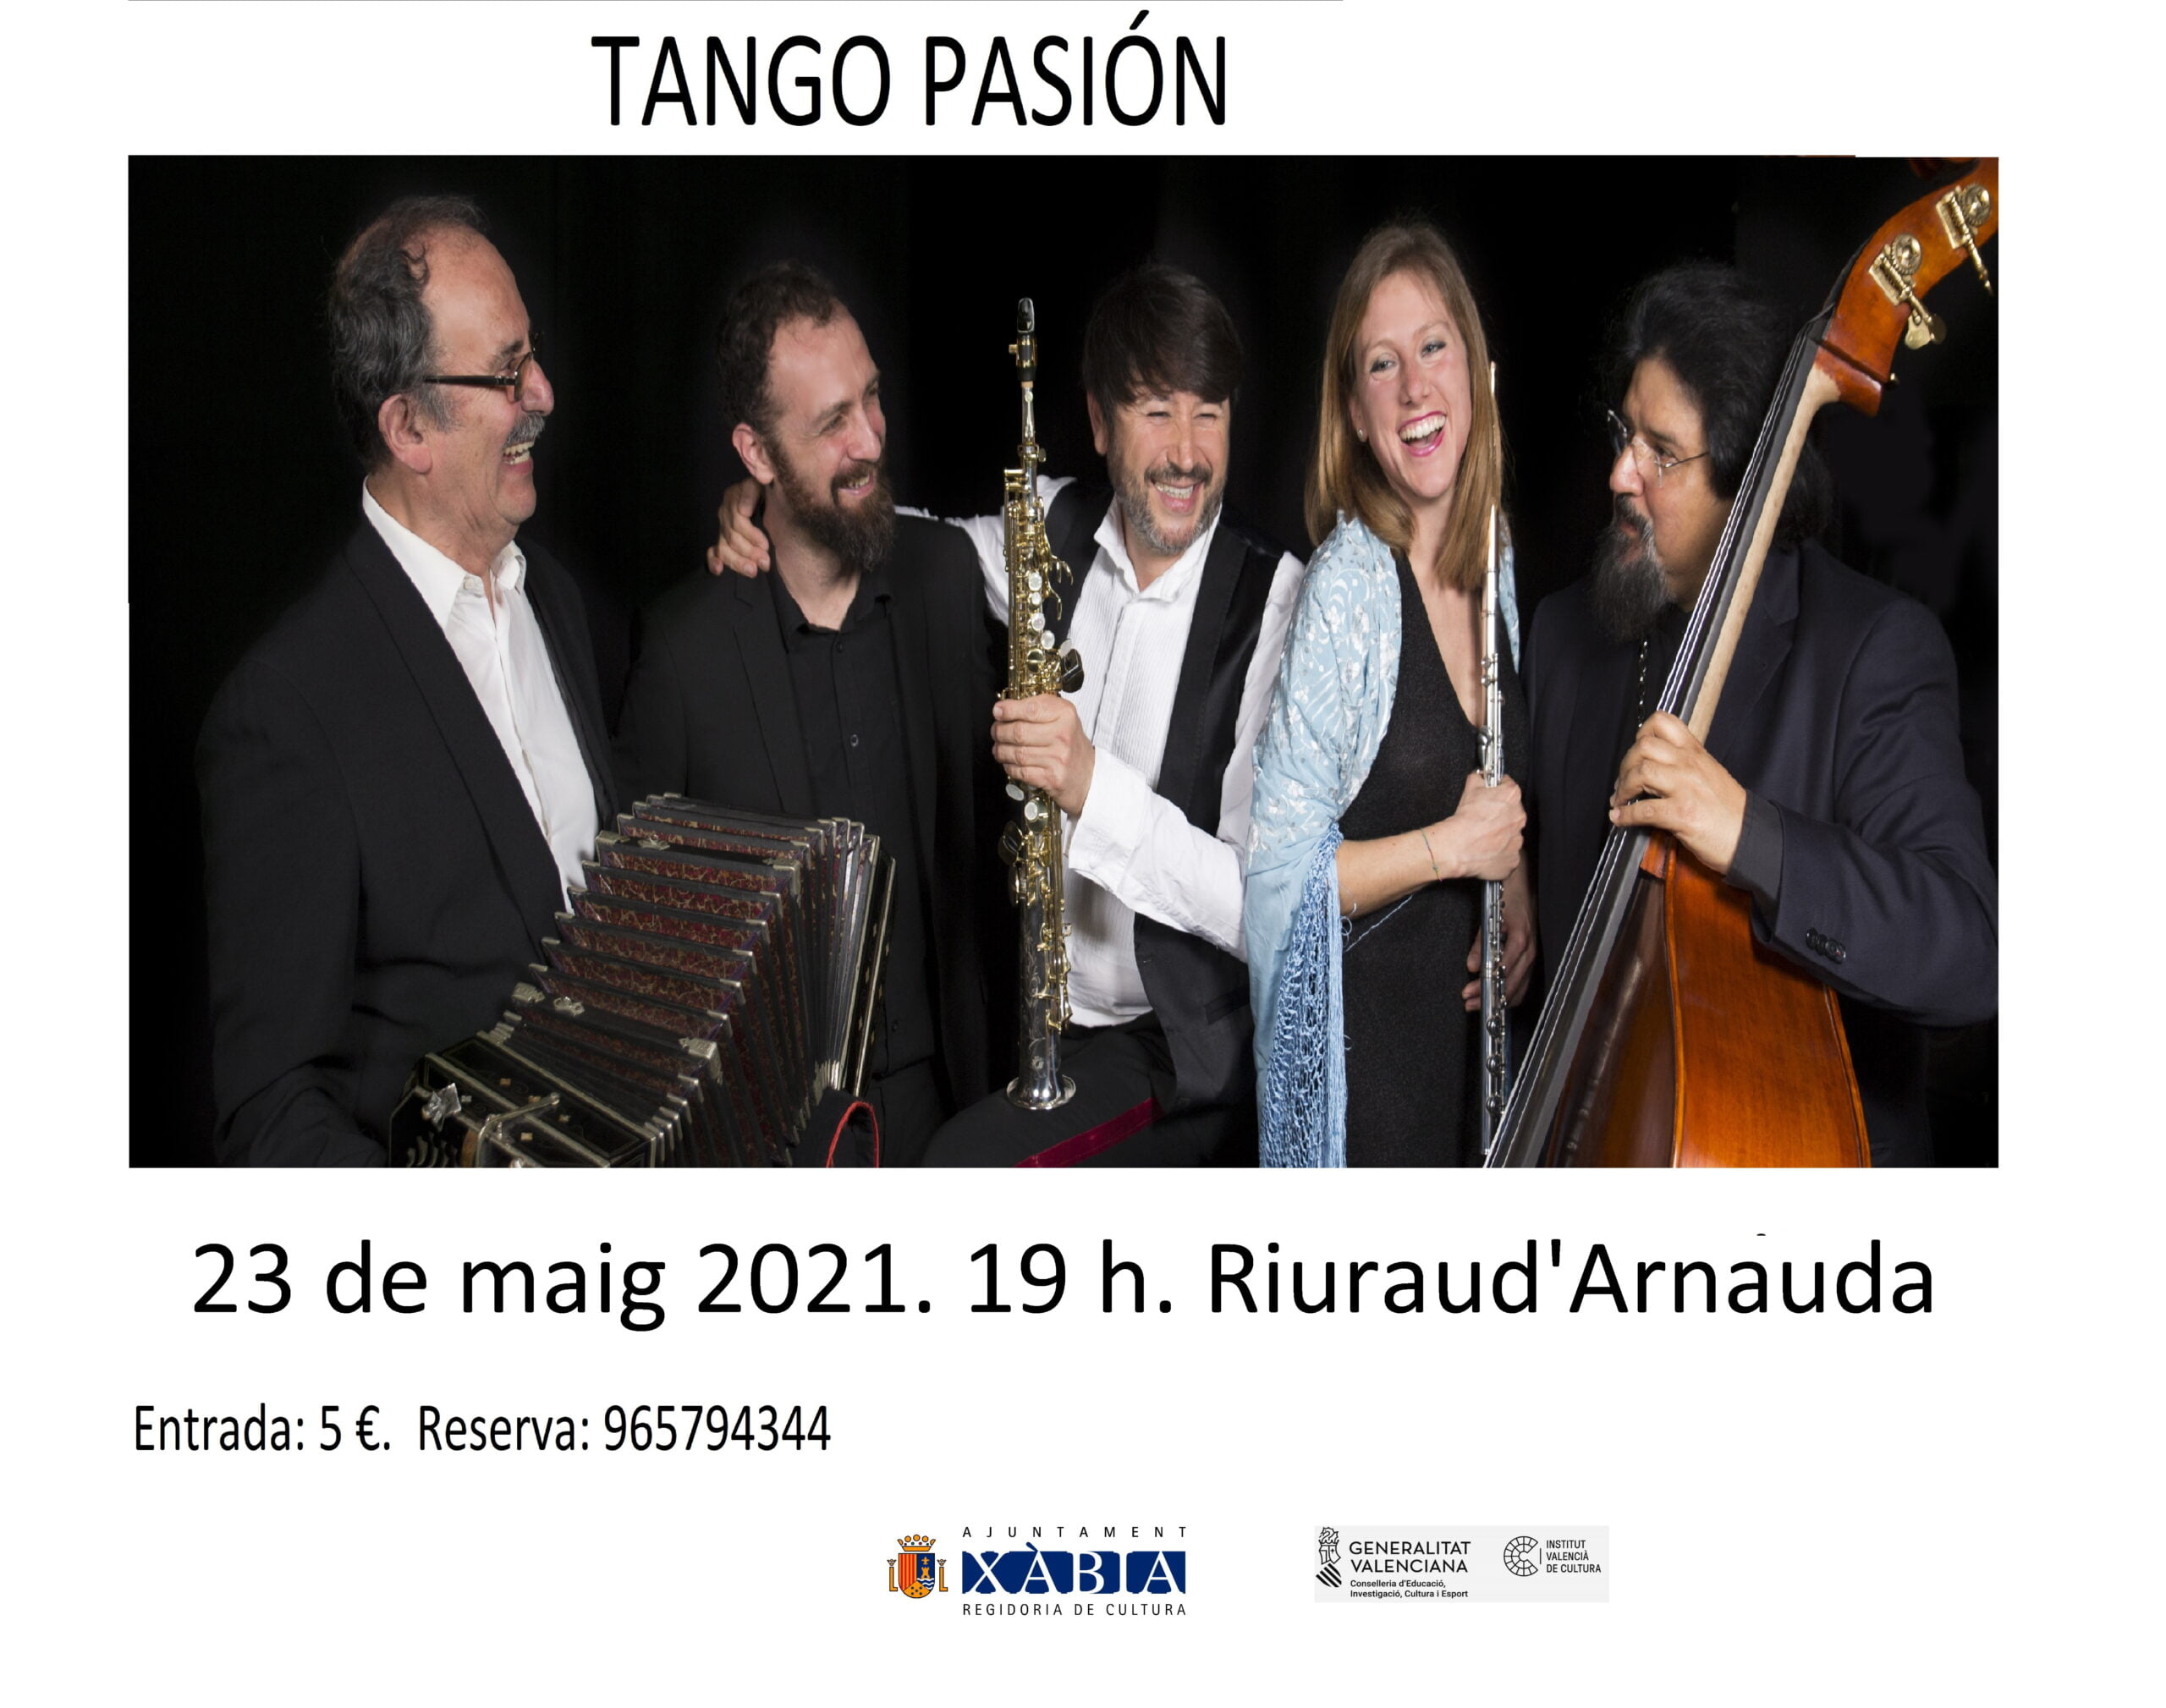 Espectáculo de Tango Pasión